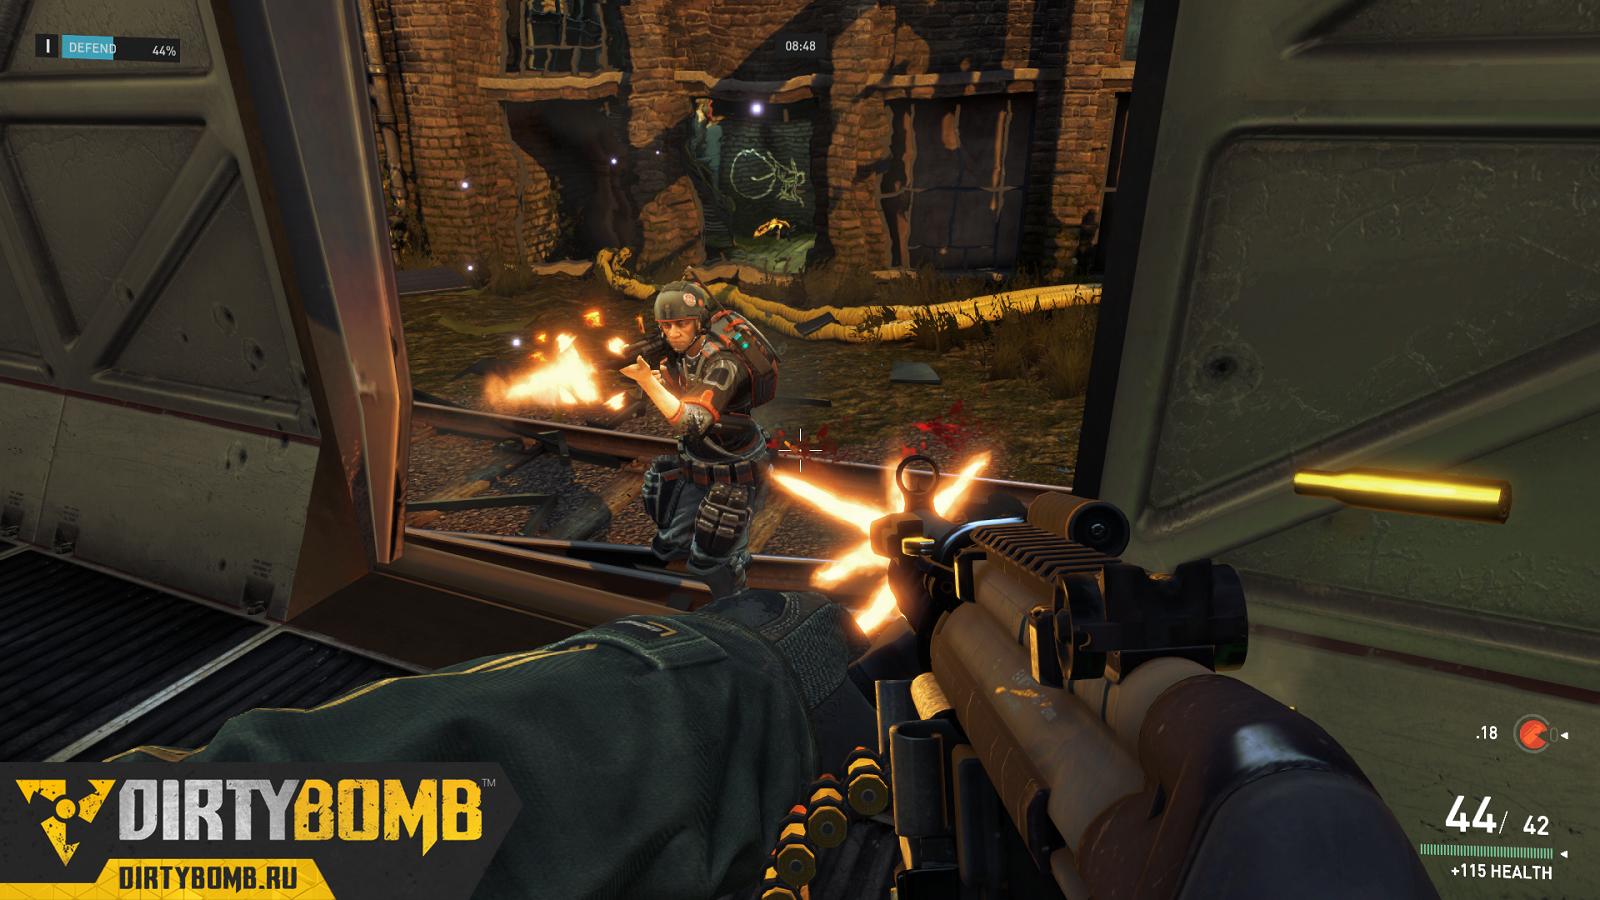 Разработчики Dirty Bomb рассказывают о режимах игры!  Стали известны подробности о режимах игры в сетевом шутере Dir ... - Изображение 2